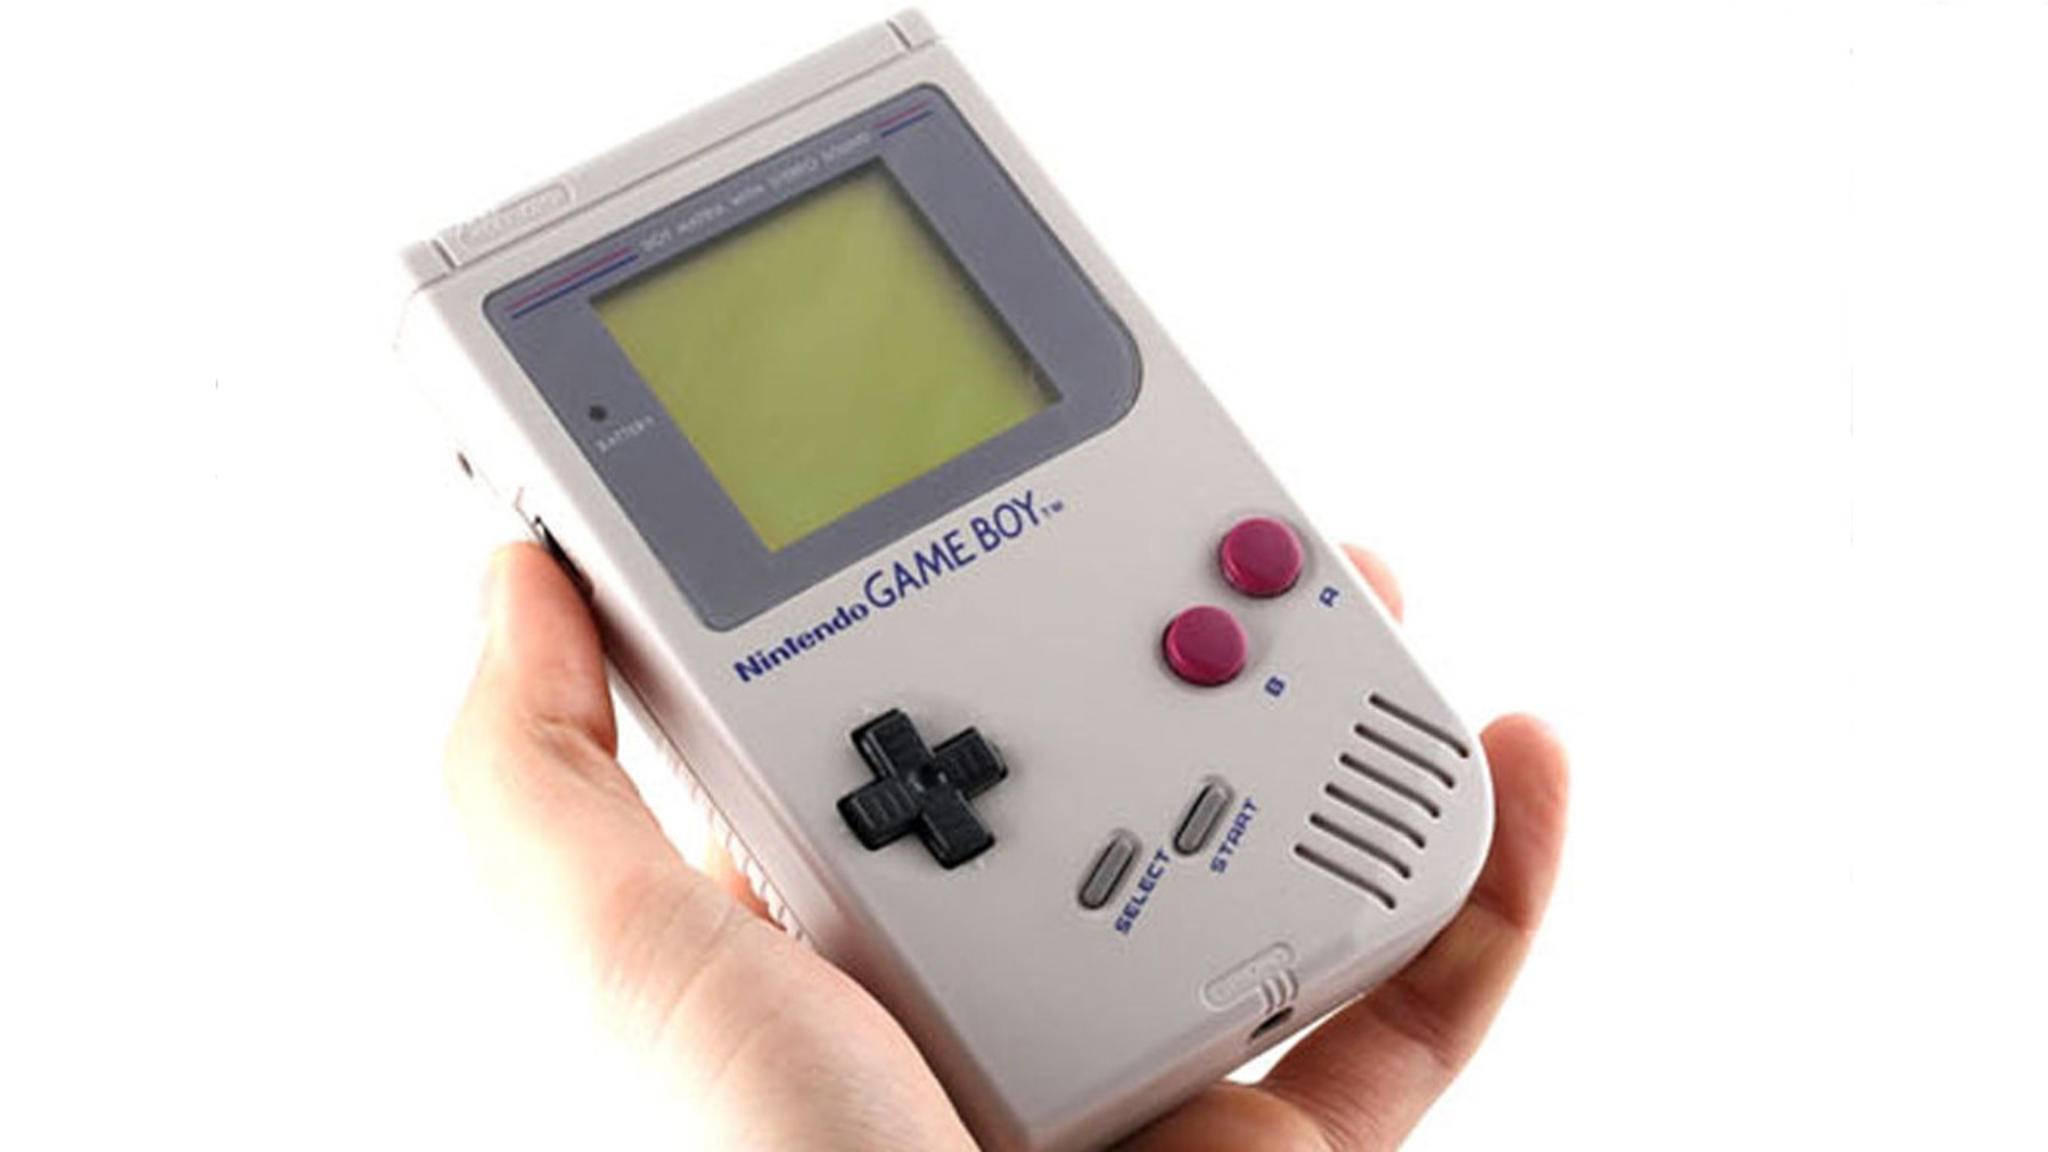 Ist der Game Boy Nintendos nächste Classic-Mini-Konsole?